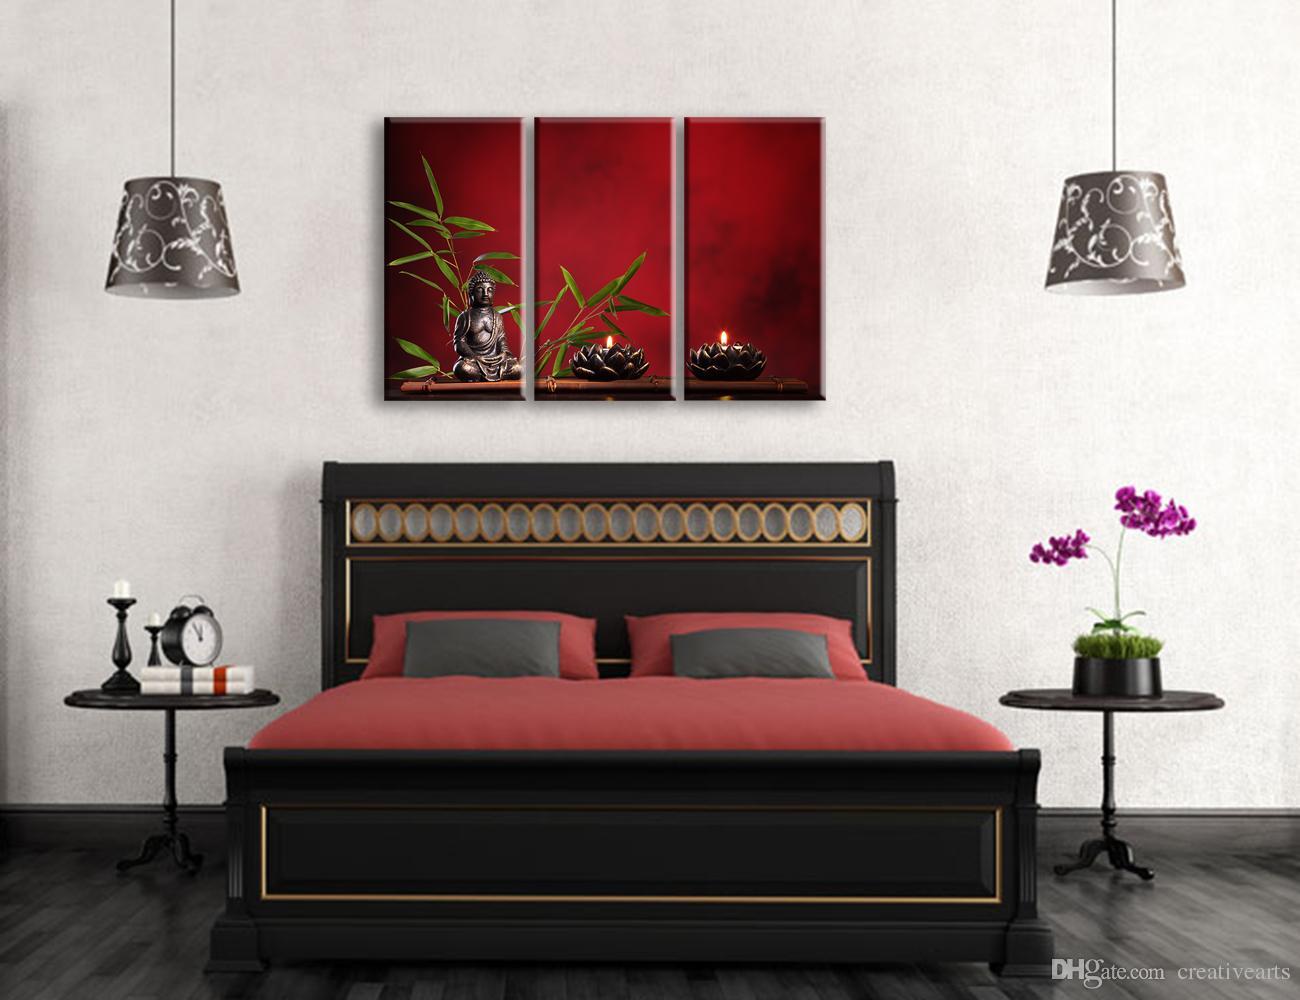 Acheter Zen Sans Cadre Bouddha Image Toile Impressions Toile Mur Décor  Moderne Chambre Décoration 17cmx17cmx17 De 117,17 € Du Creativearts   DHgate.Com